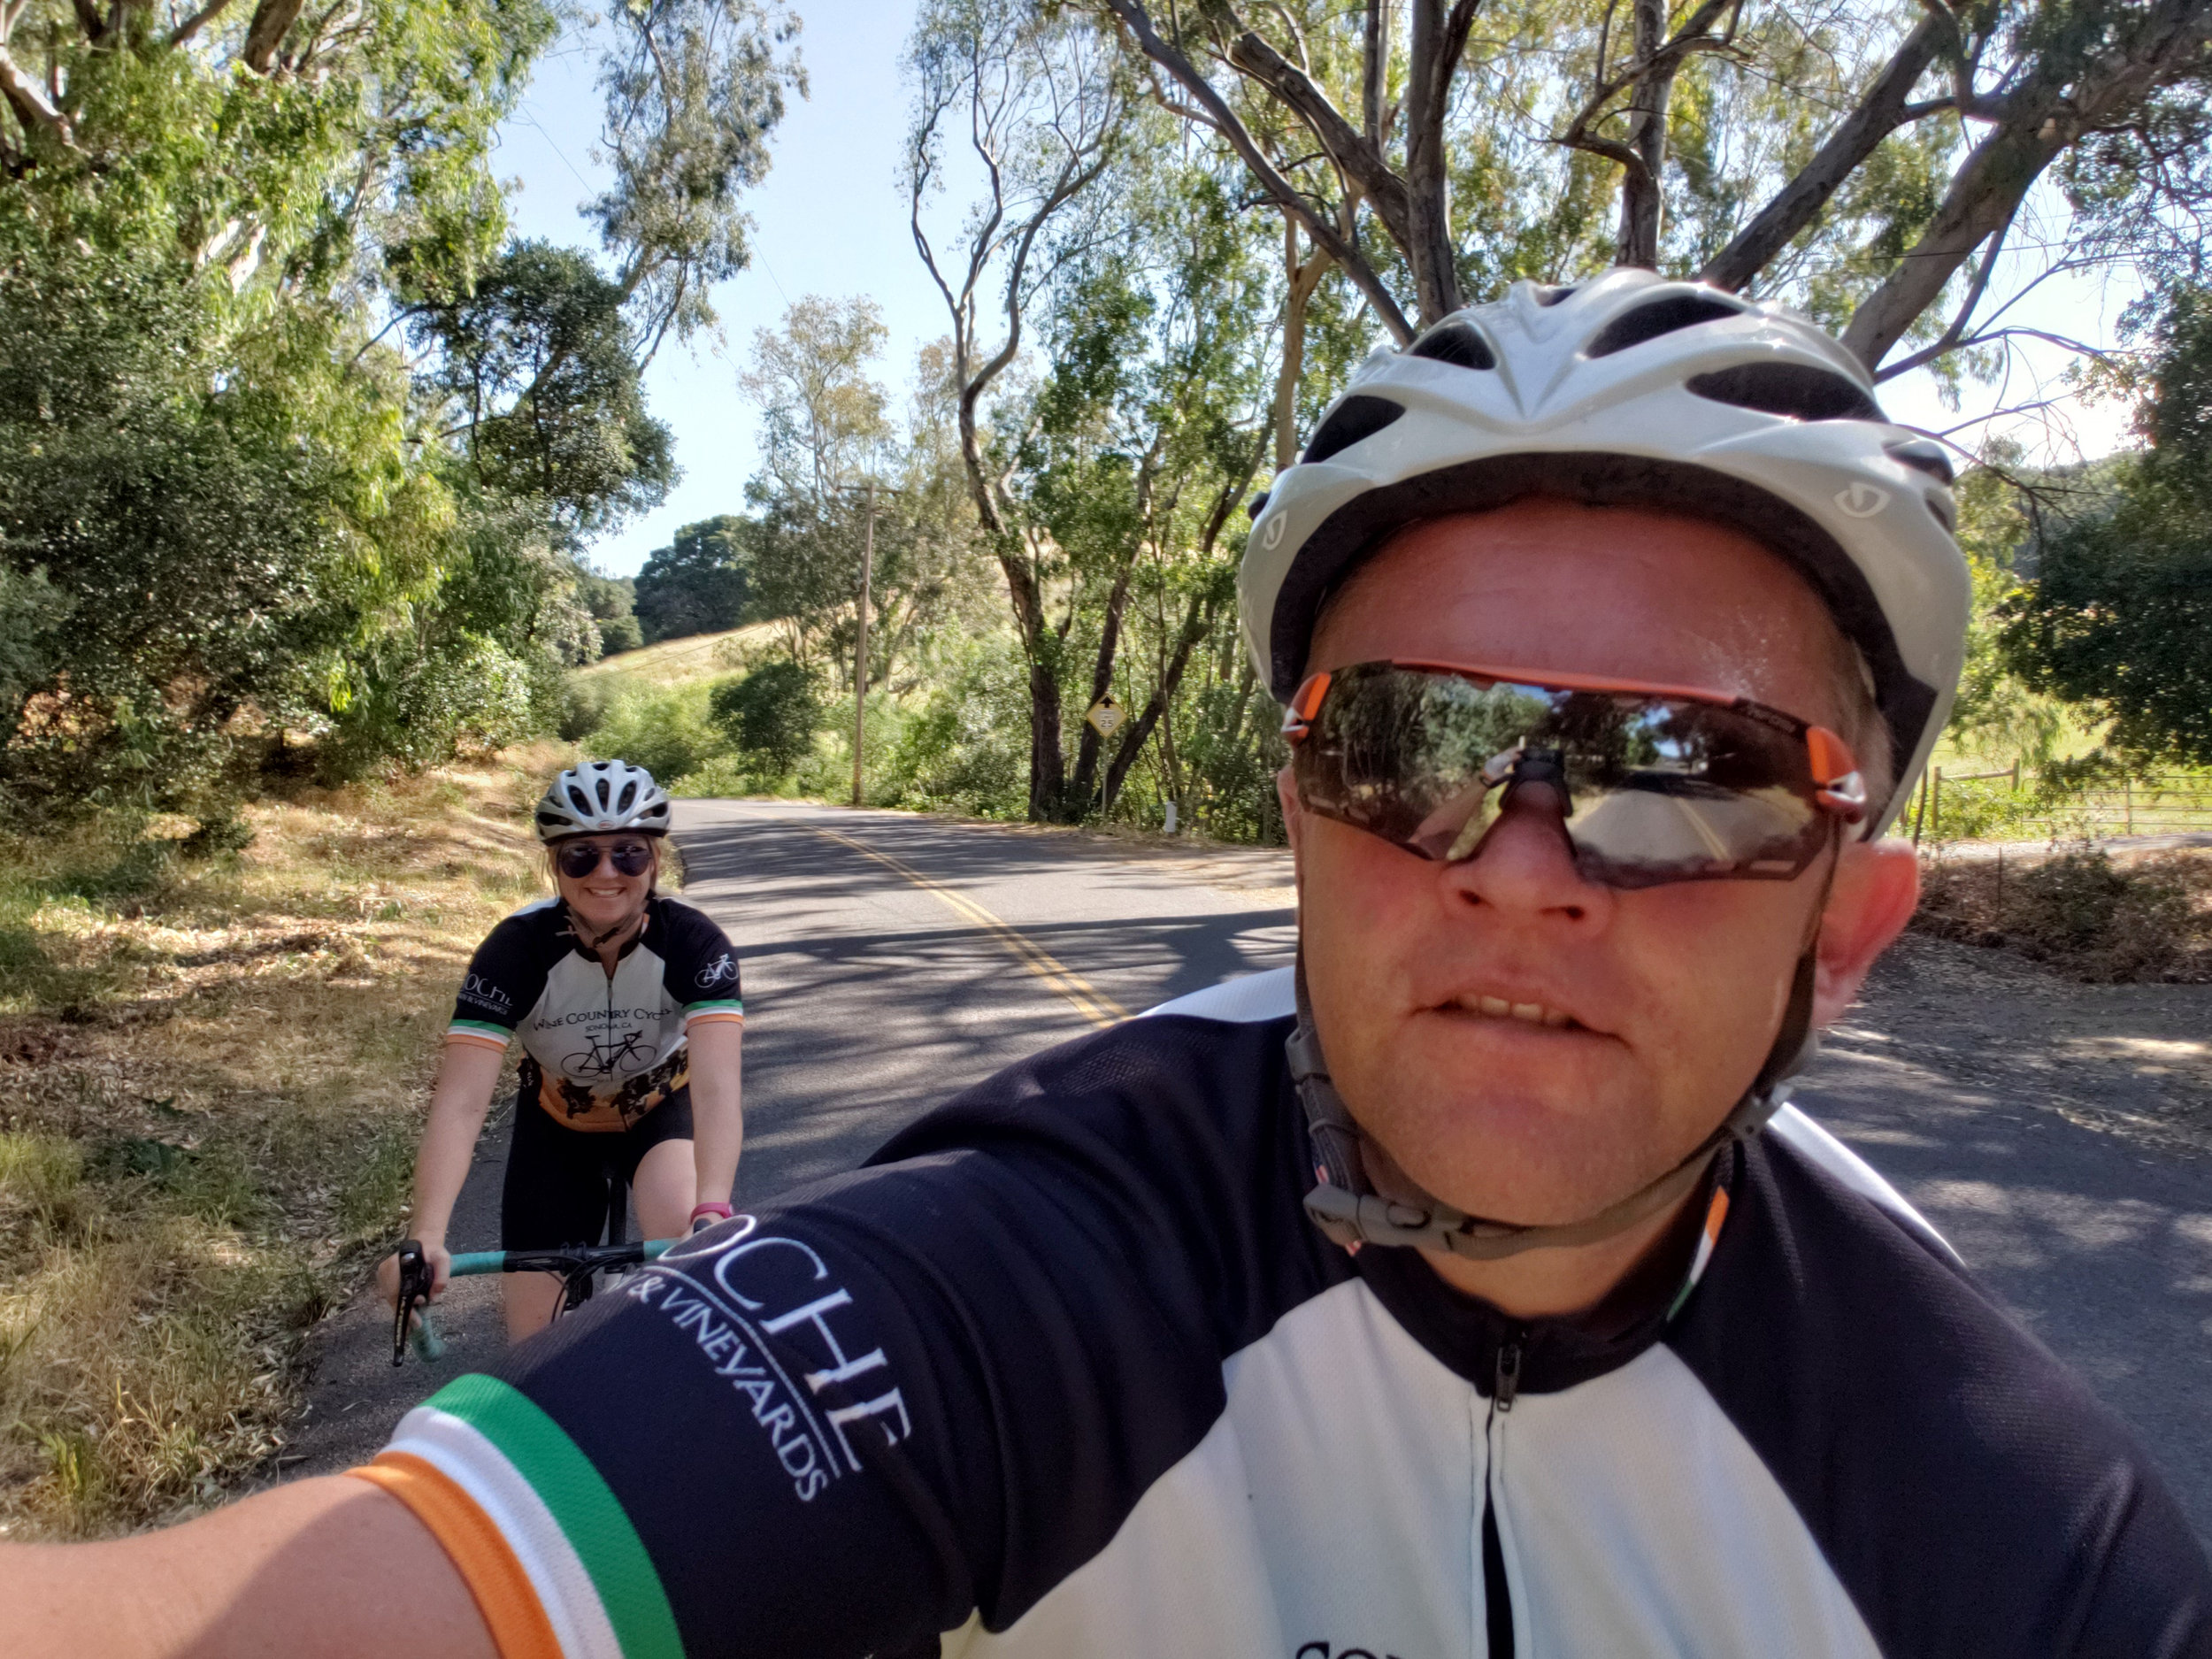 Brendan_Colleen_Bike_Ride.jpg